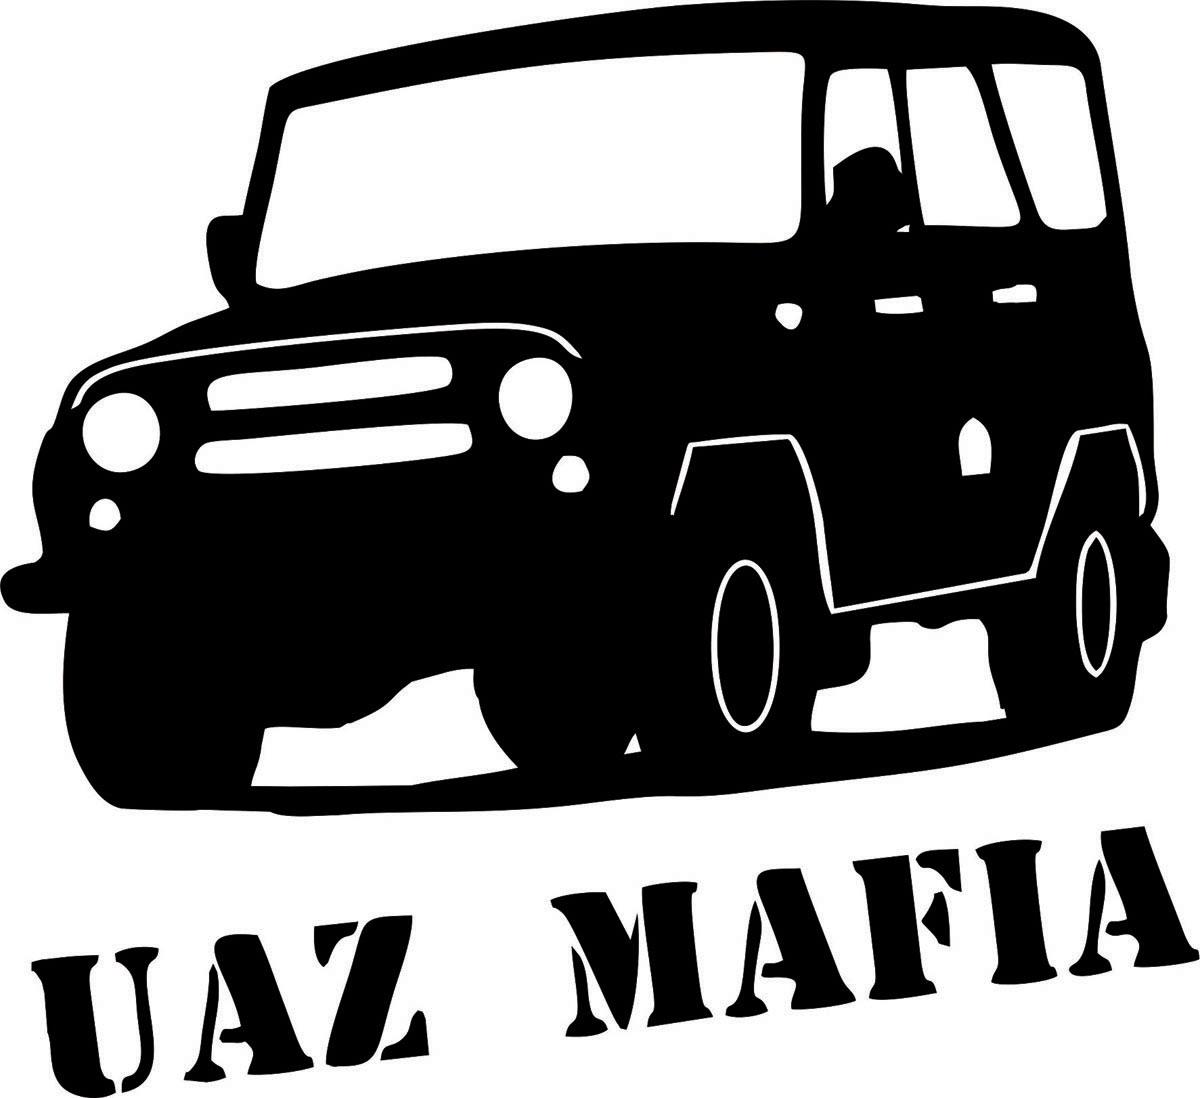 Наклейка автомобильная Оранжевый слоник UAZ Mafia 2, виниловая, цвет: черный наклейка автомобильная оранжевый слоник niva mafia виниловая цвет белый